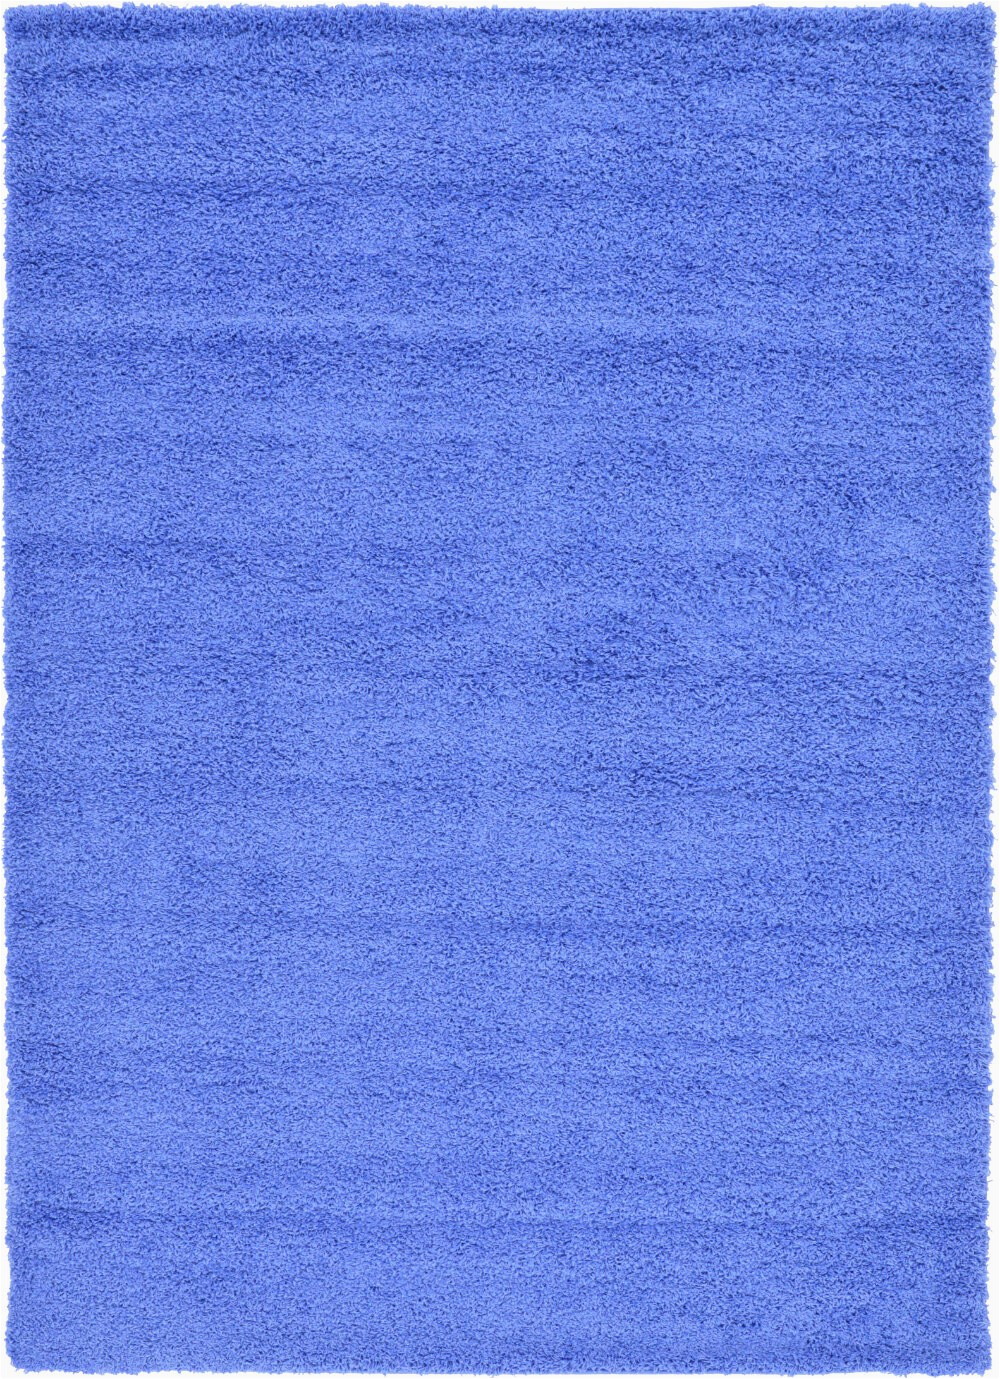 angeline periwinkle blue area rug